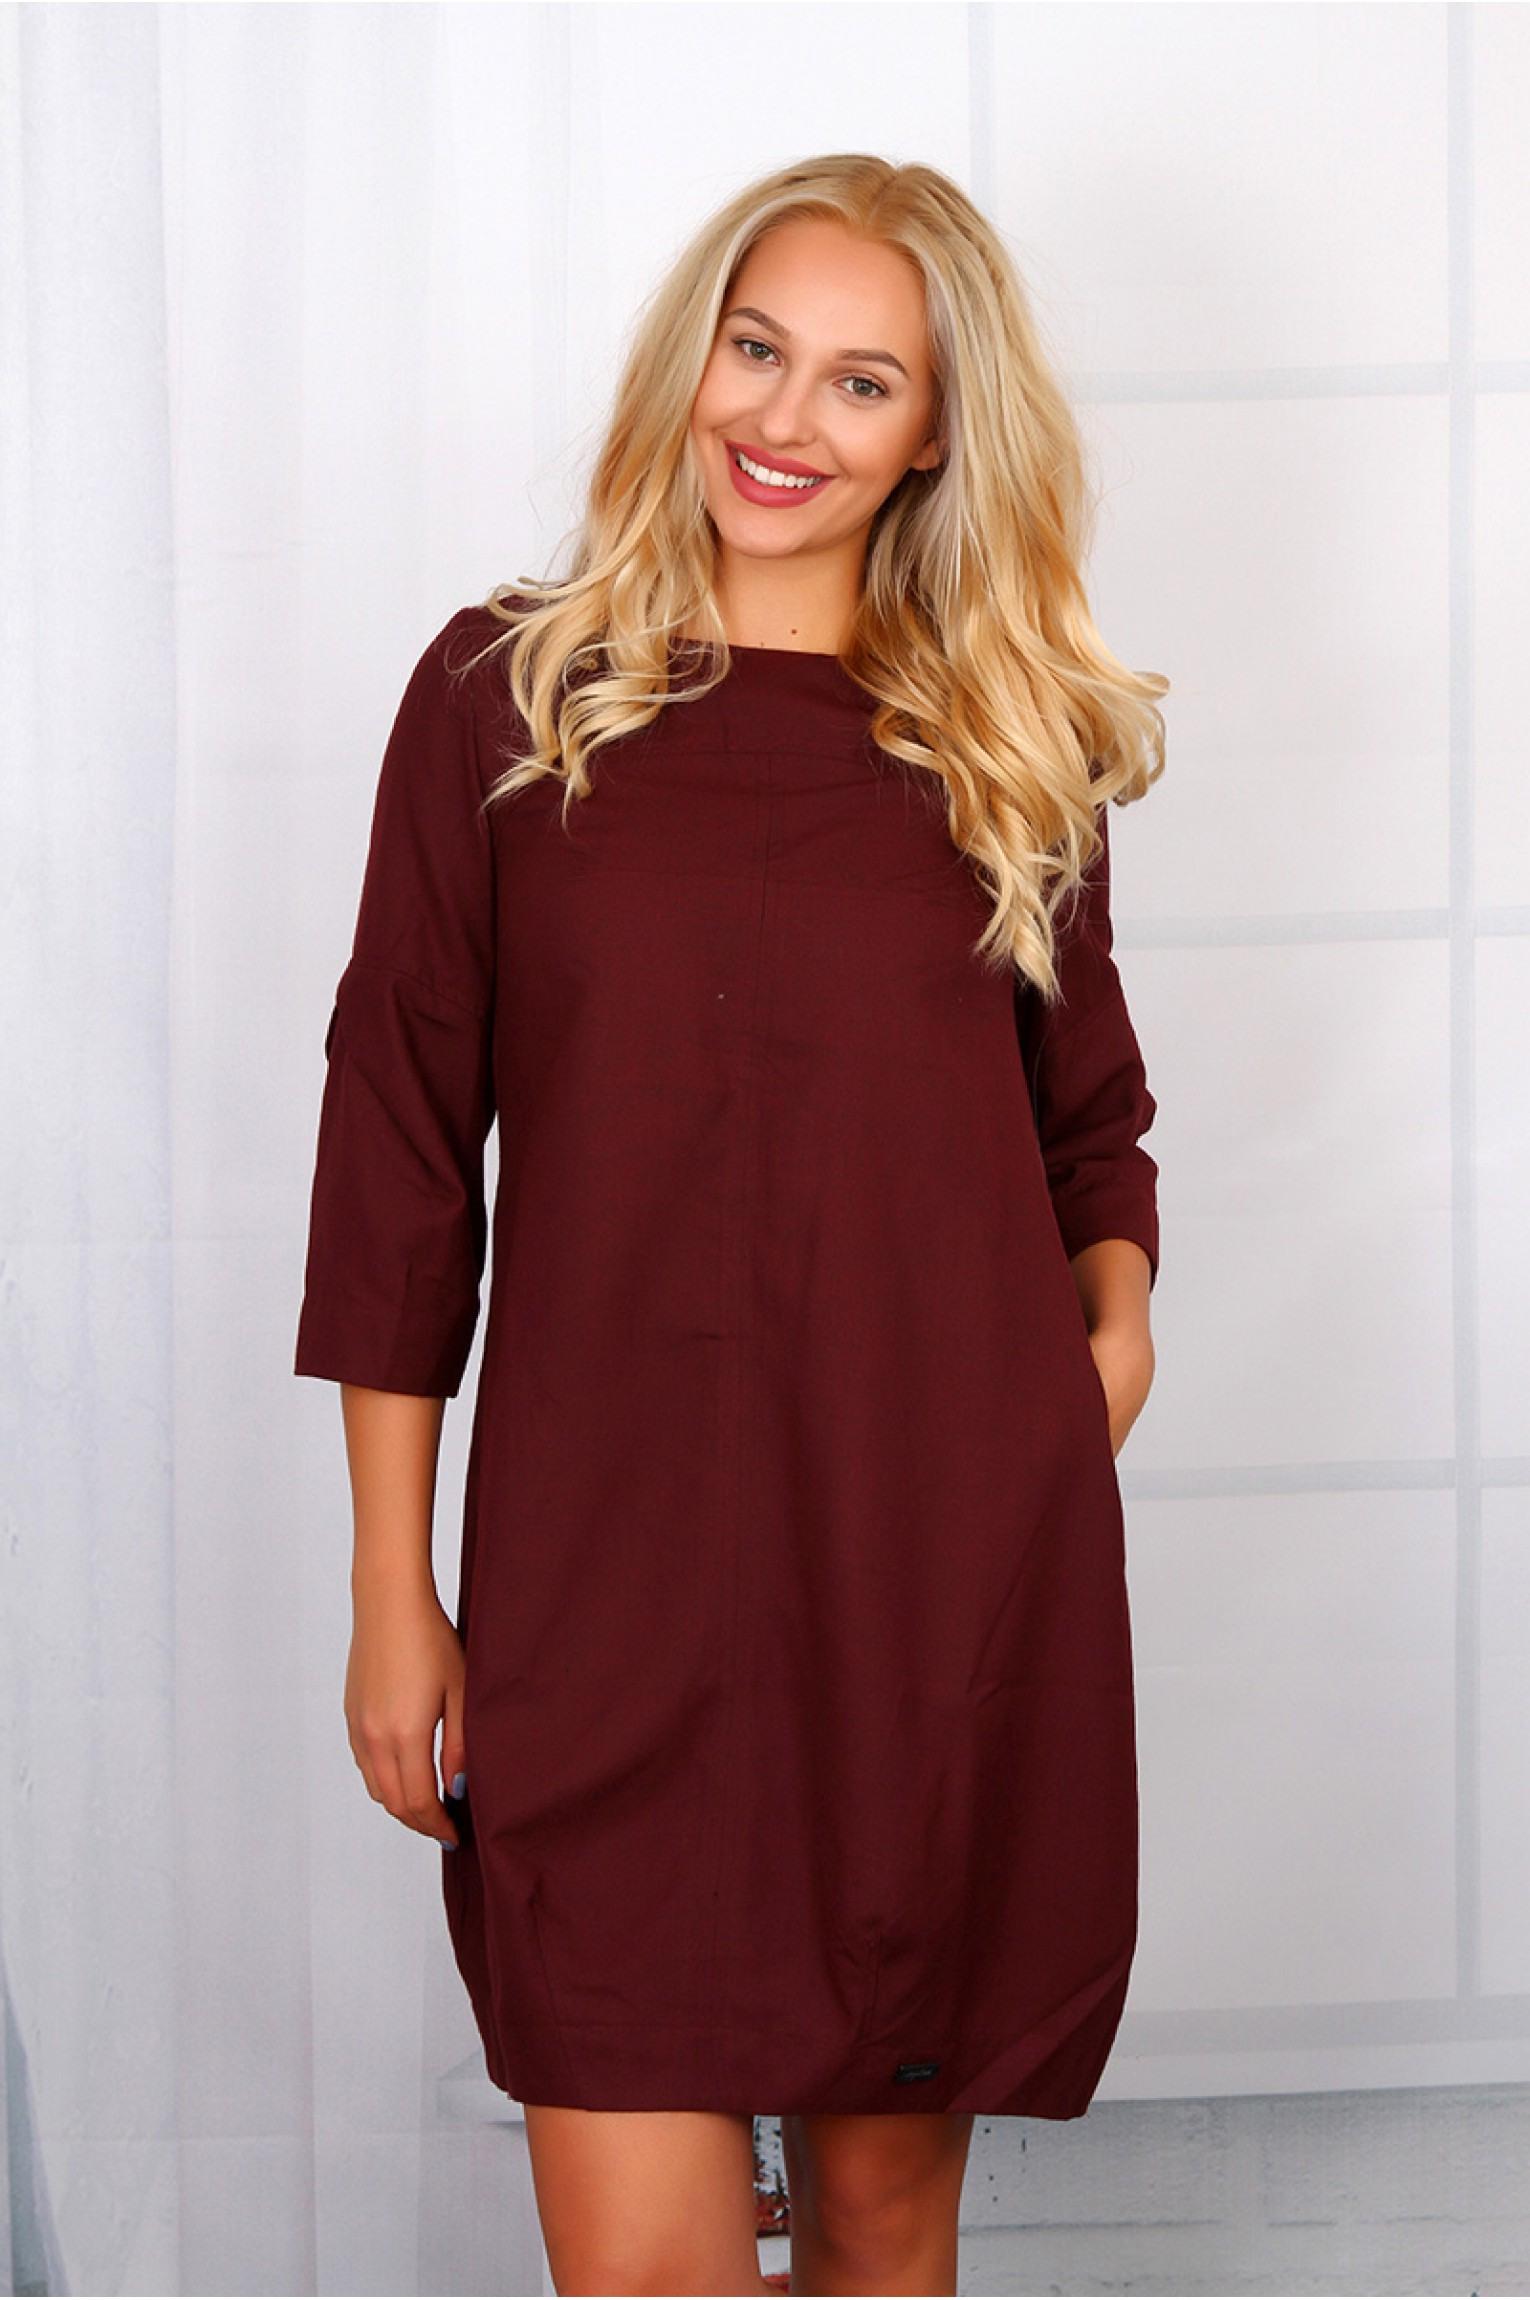 Kleid Langarm Bordeaux  Stylische Kleider Für Jeden Tag